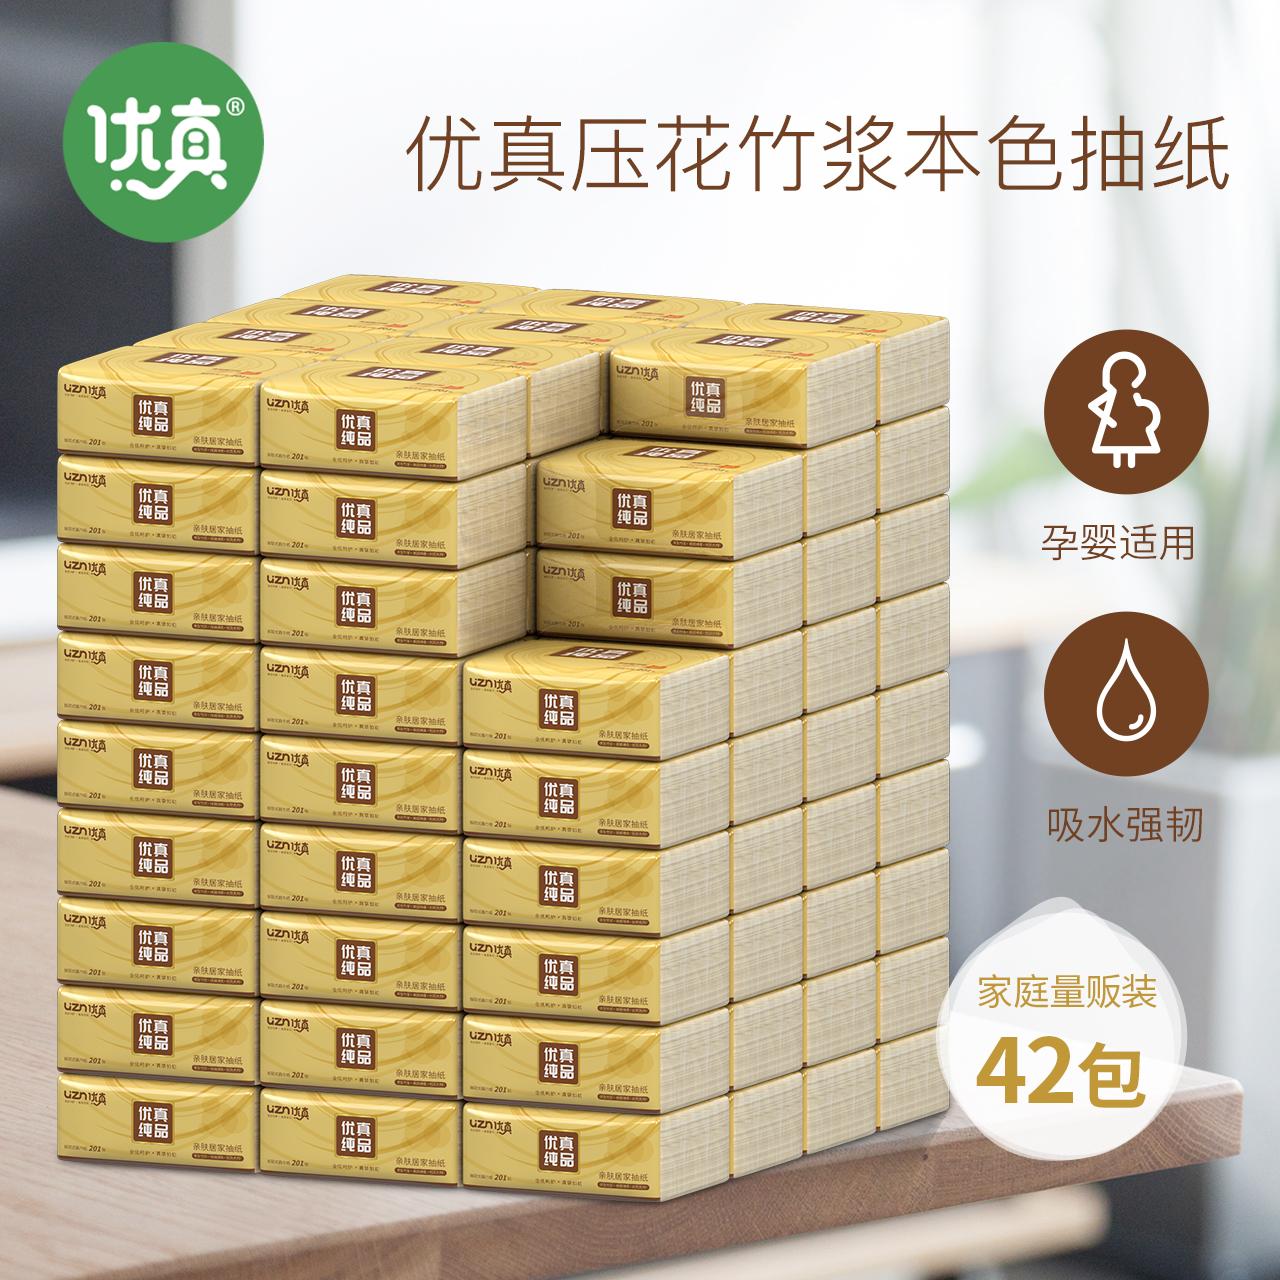 42包竹浆本色抽纸家用卫生纸巾实惠装擦手纸抽取式餐巾纸整箱批发